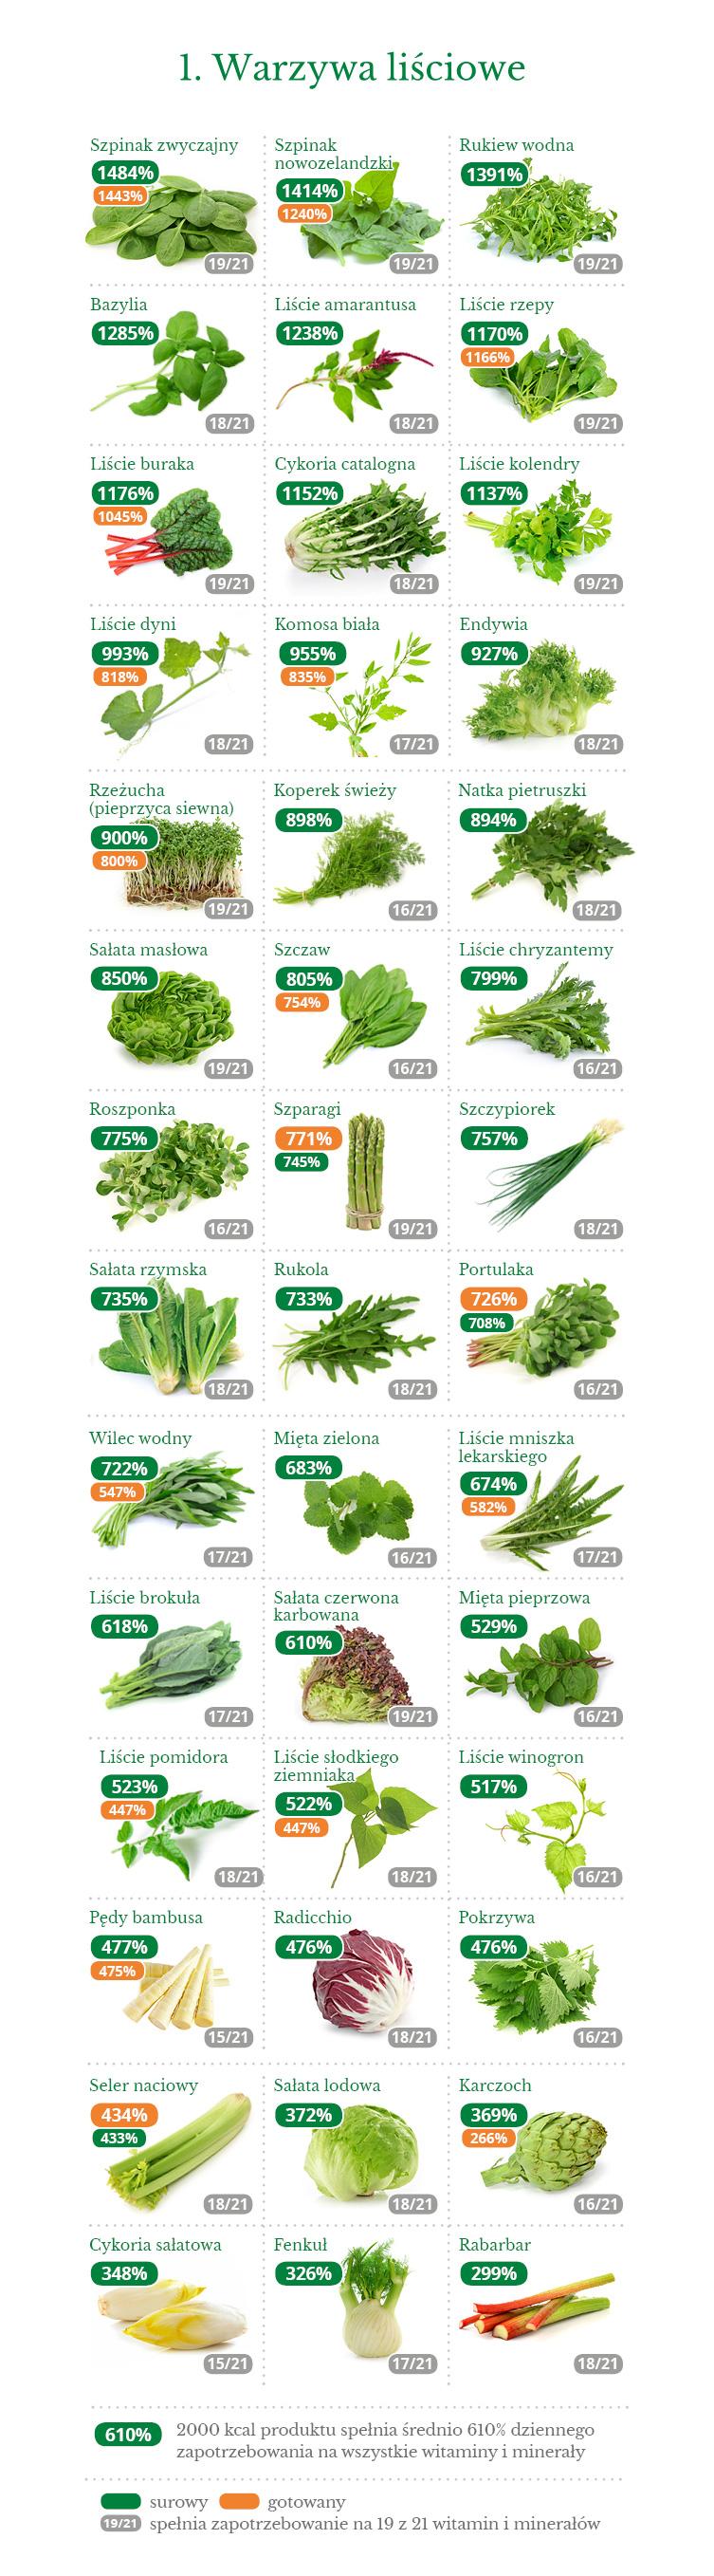 01_gestosc_witamin_mineralow_warzywa_lisciowe